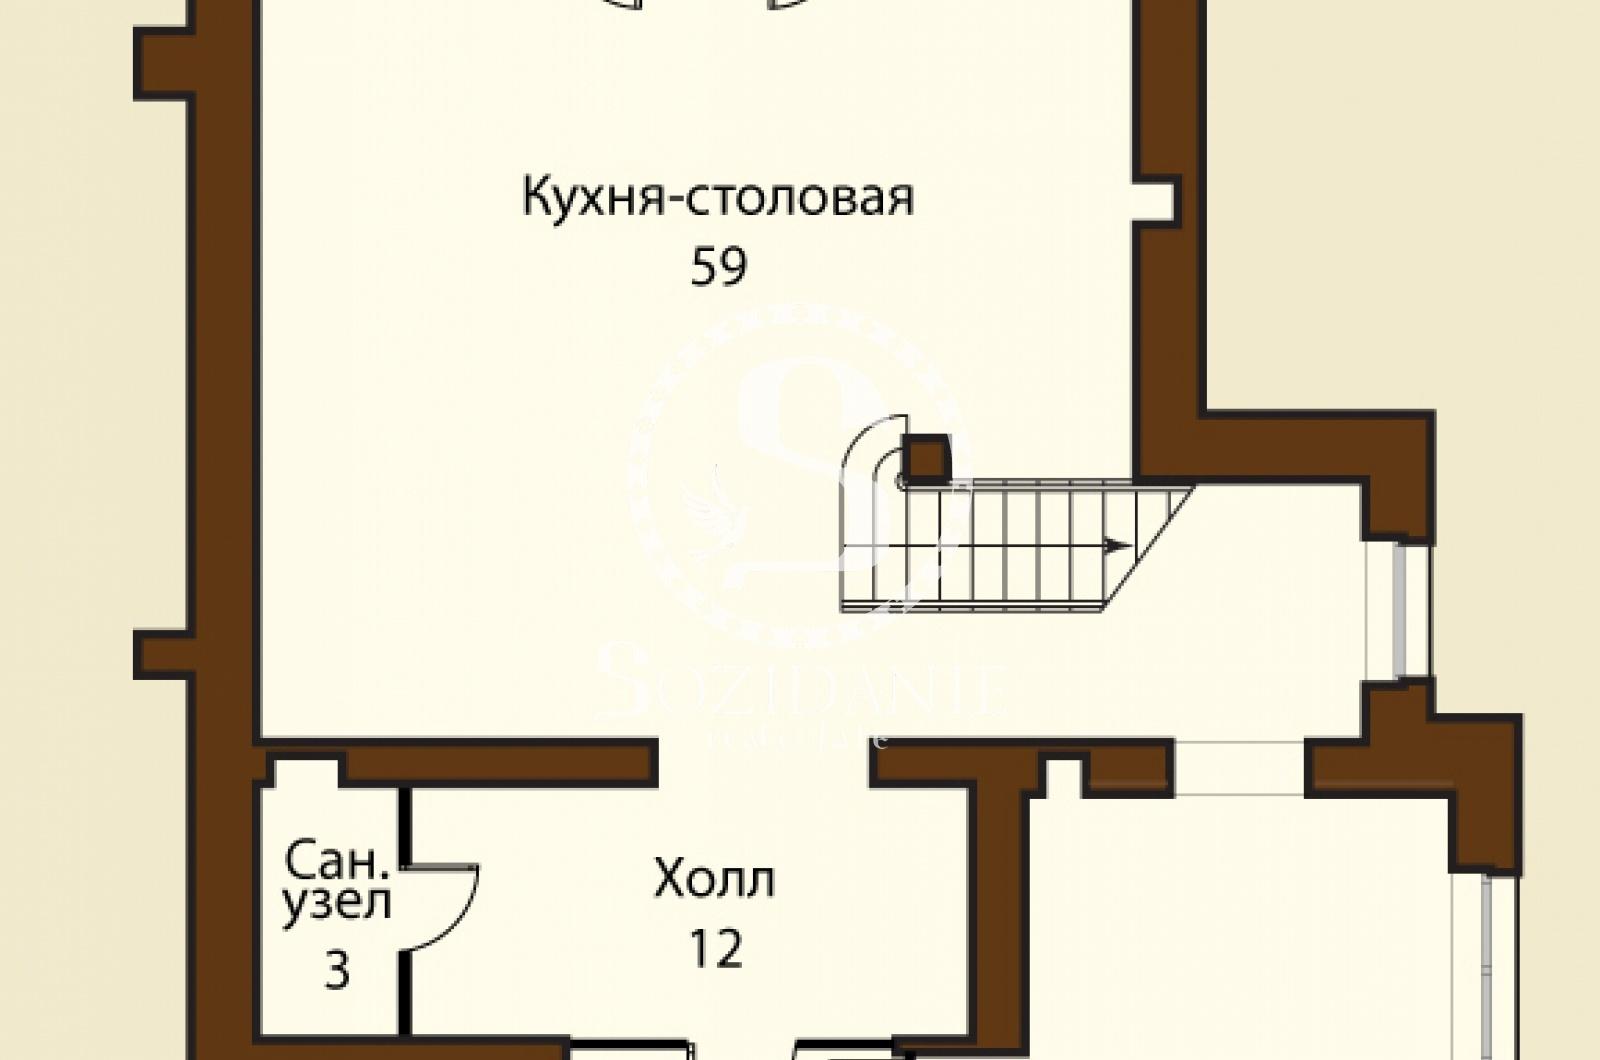 4 Bedrooms, Загородная, Продажа, Listing ID 3565, Московская область, Россия,